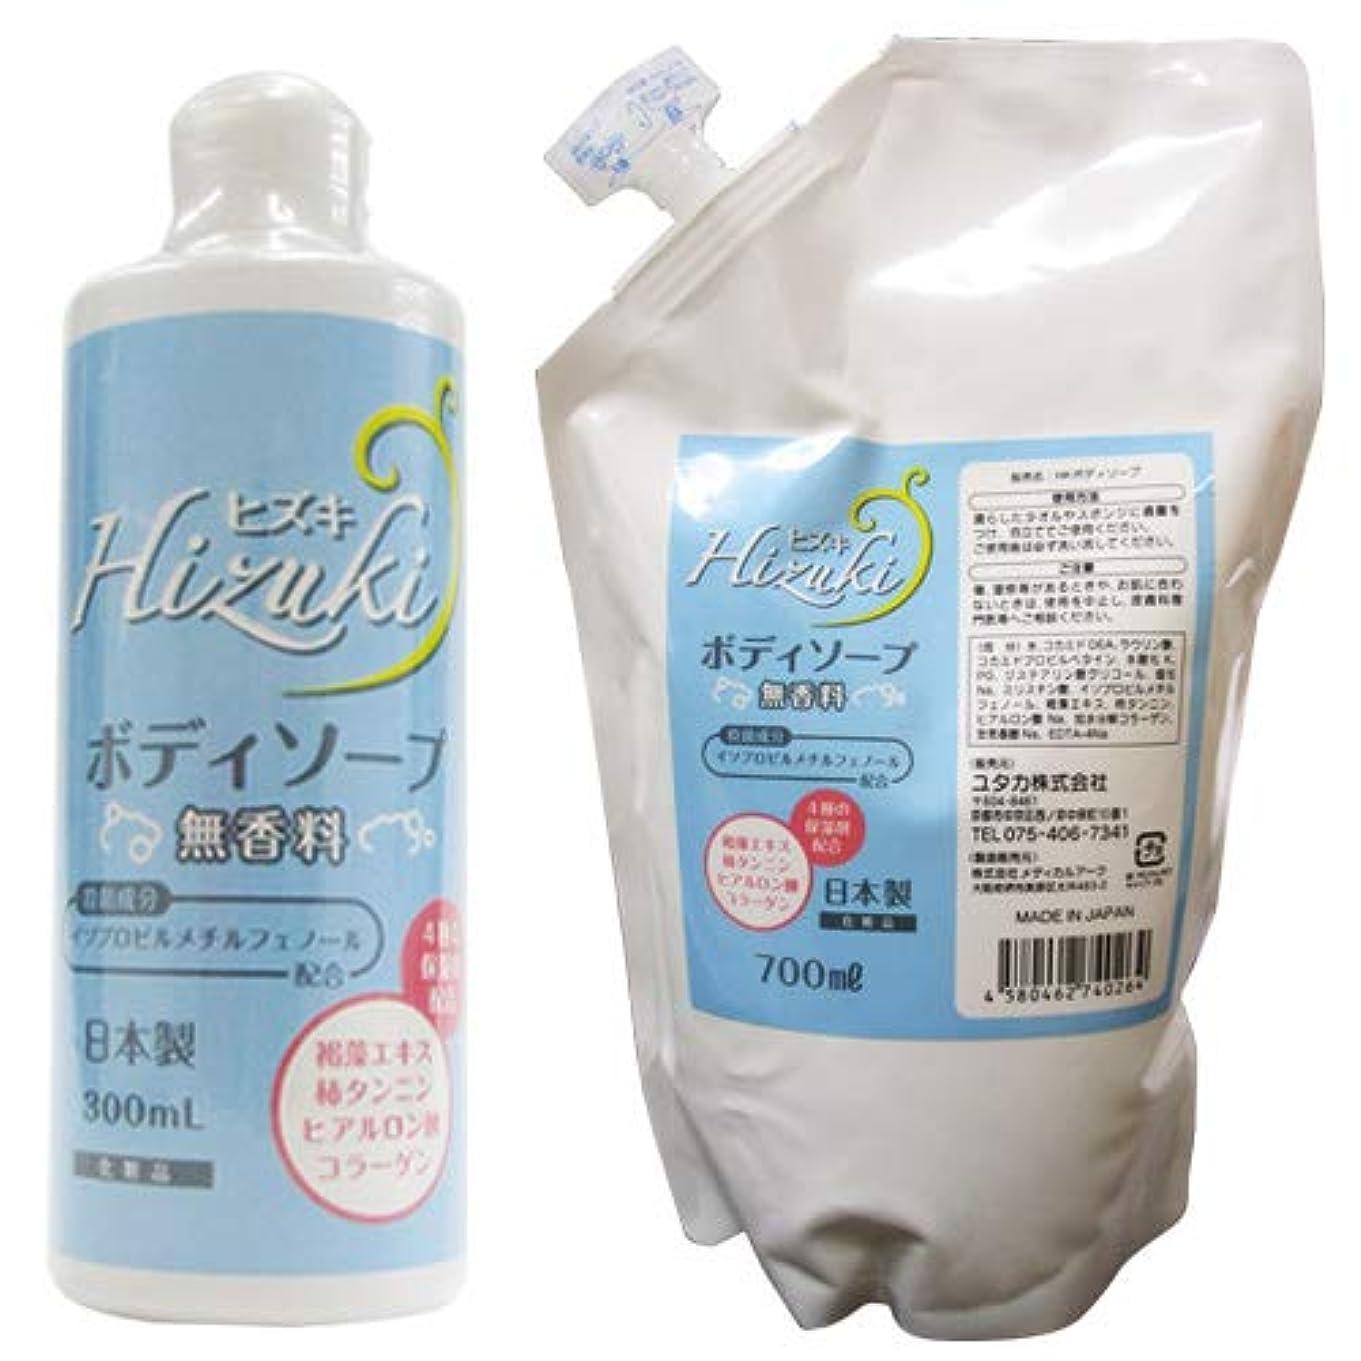 西部年金受給者保守可能Hizuki(ヒズキ) ボディソープ 300mL + 詰め替え用700mL セット